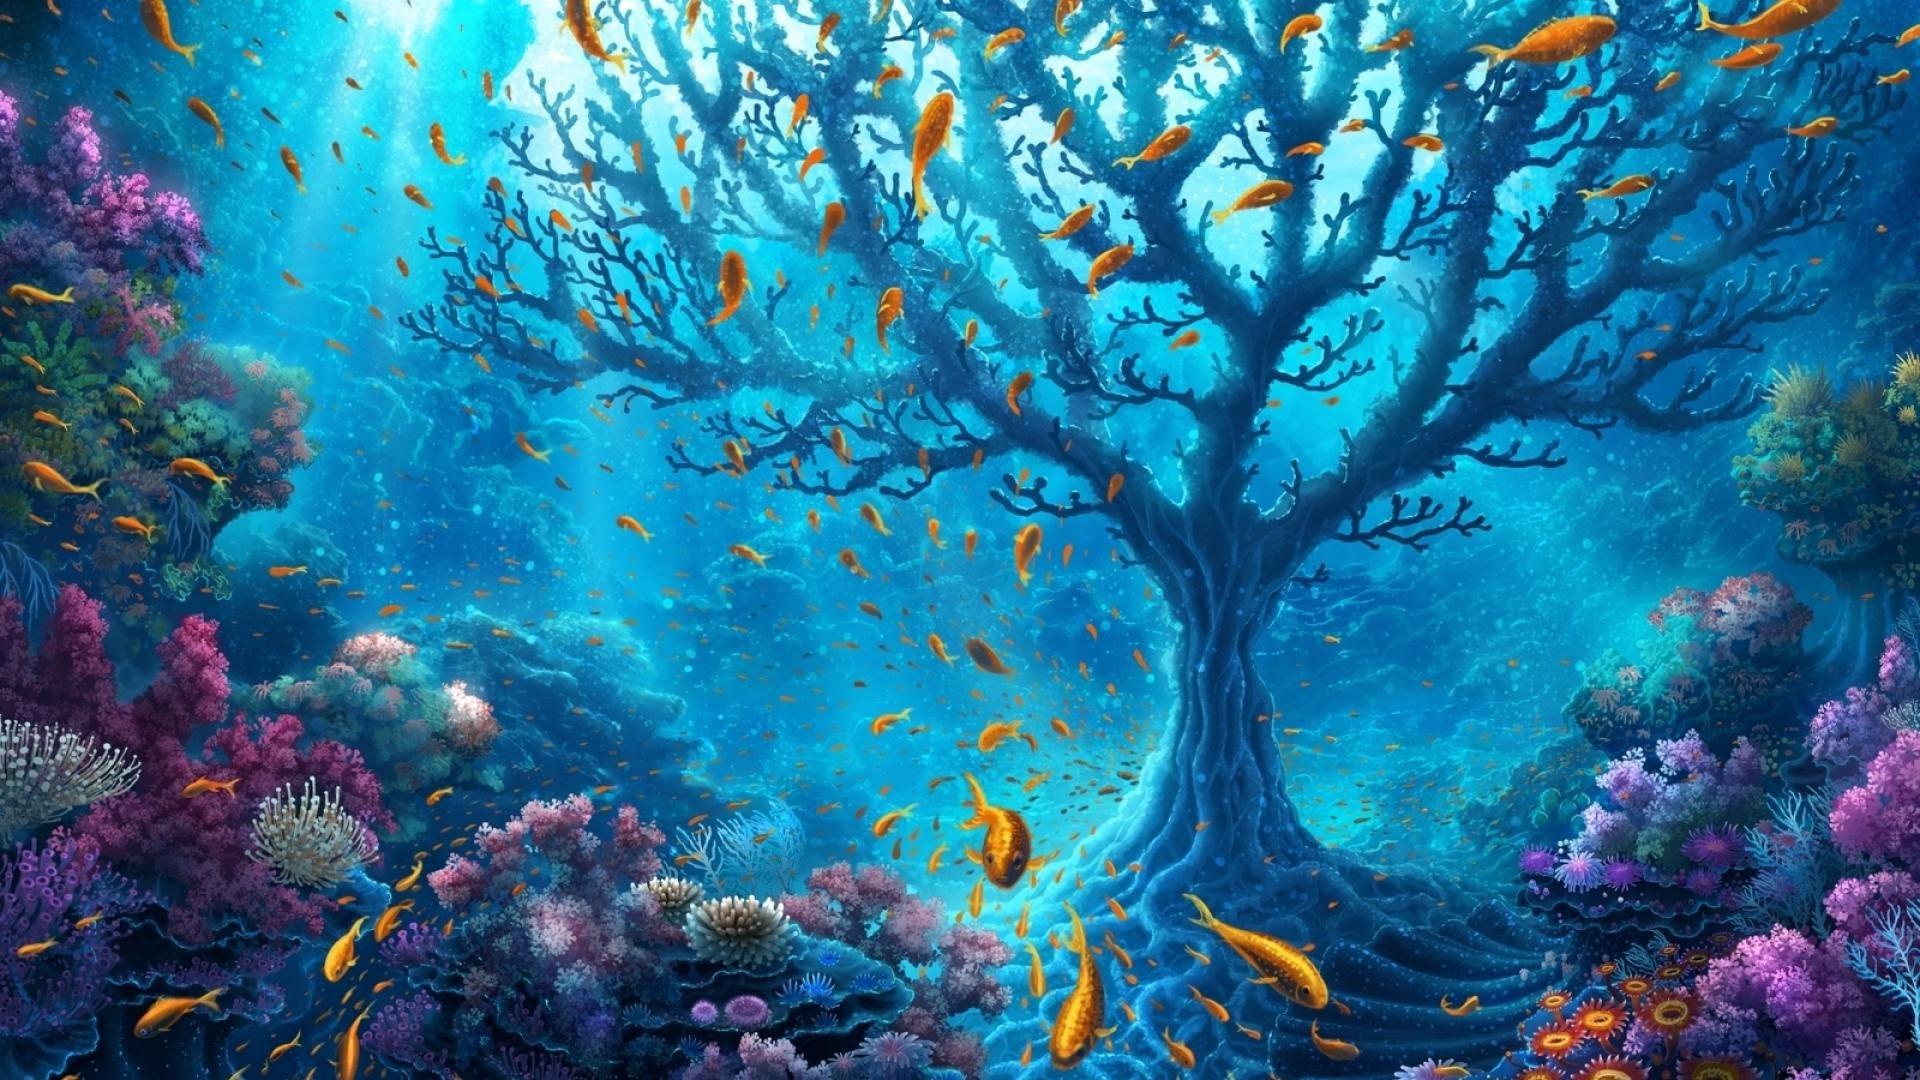 Fantasy Forest 3d Live Wallpaper 2048x1152 Underwater World 2048x1152 Resolution Hd 4k